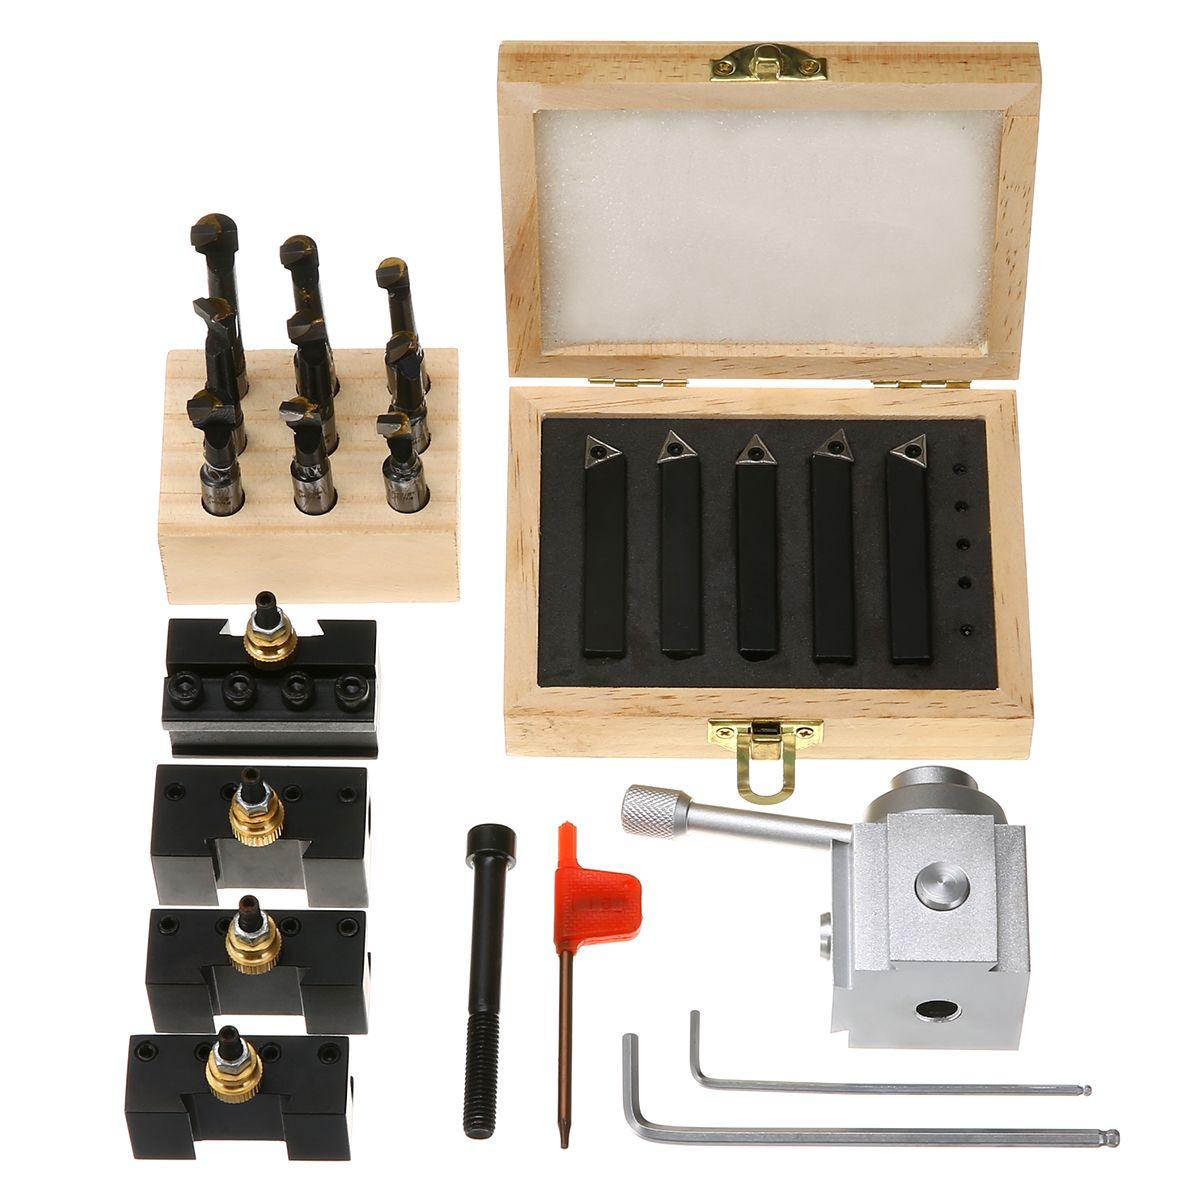 Mayitr 5 stücke Quick Change Post Werkzeughalter + 9 stücke 3/8 Bohrstange mit 5 stücke 3/8 Drehwerkzeug für Drehwerkzeuge